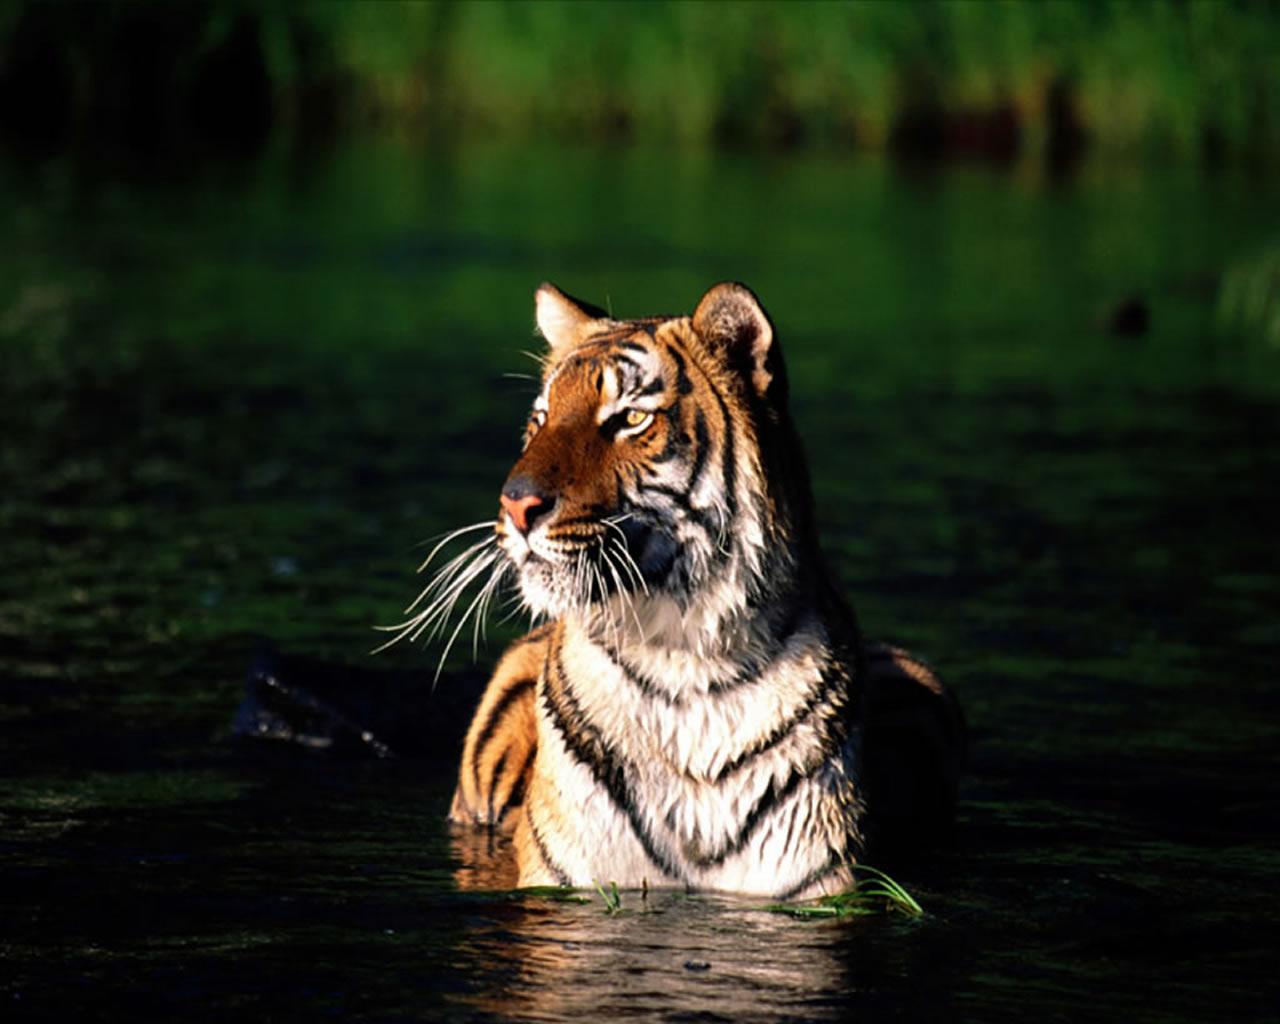 download wallpaper: tijger neemt een bad wallpaper